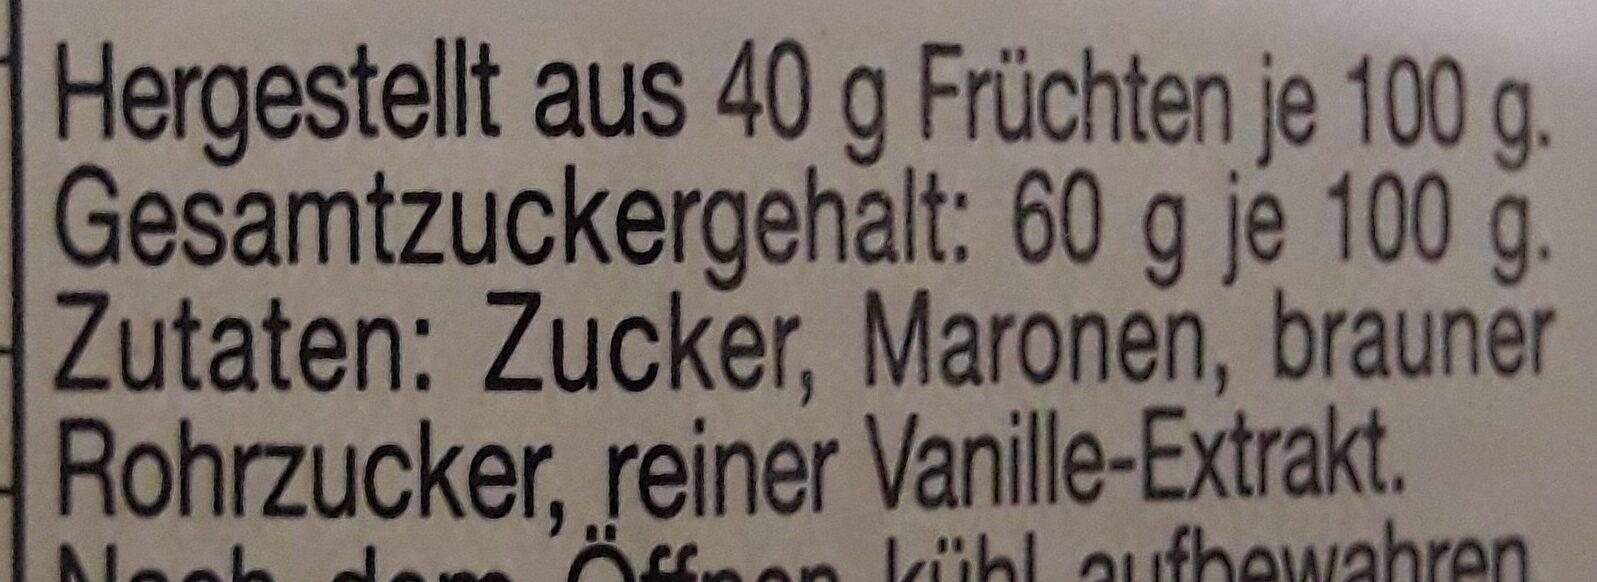 Maronen-Crème - Ingredienti - de